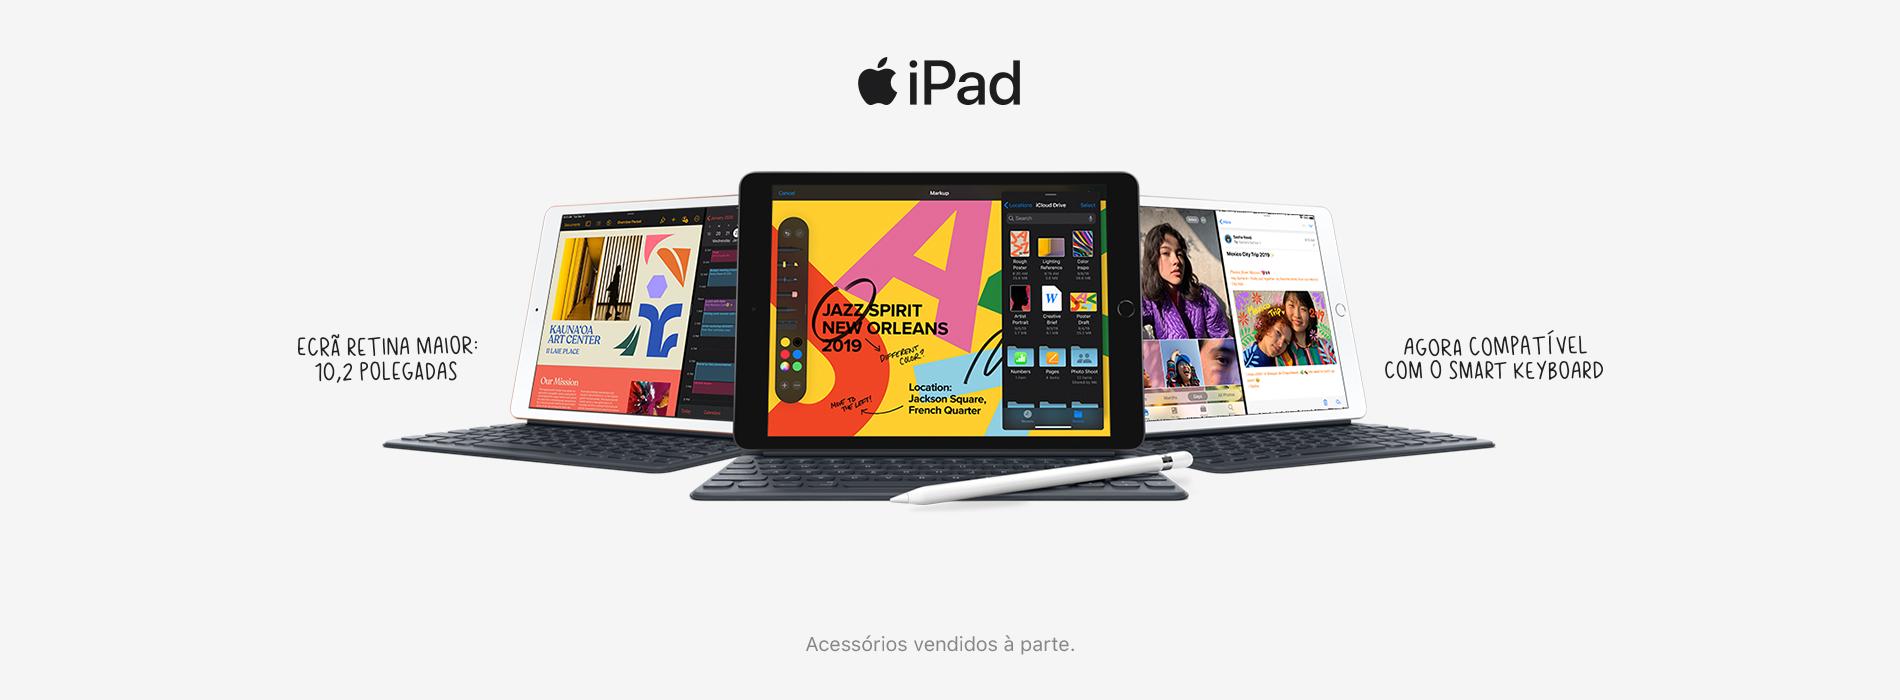 Homepage Slideshow -  iPad 7Gen